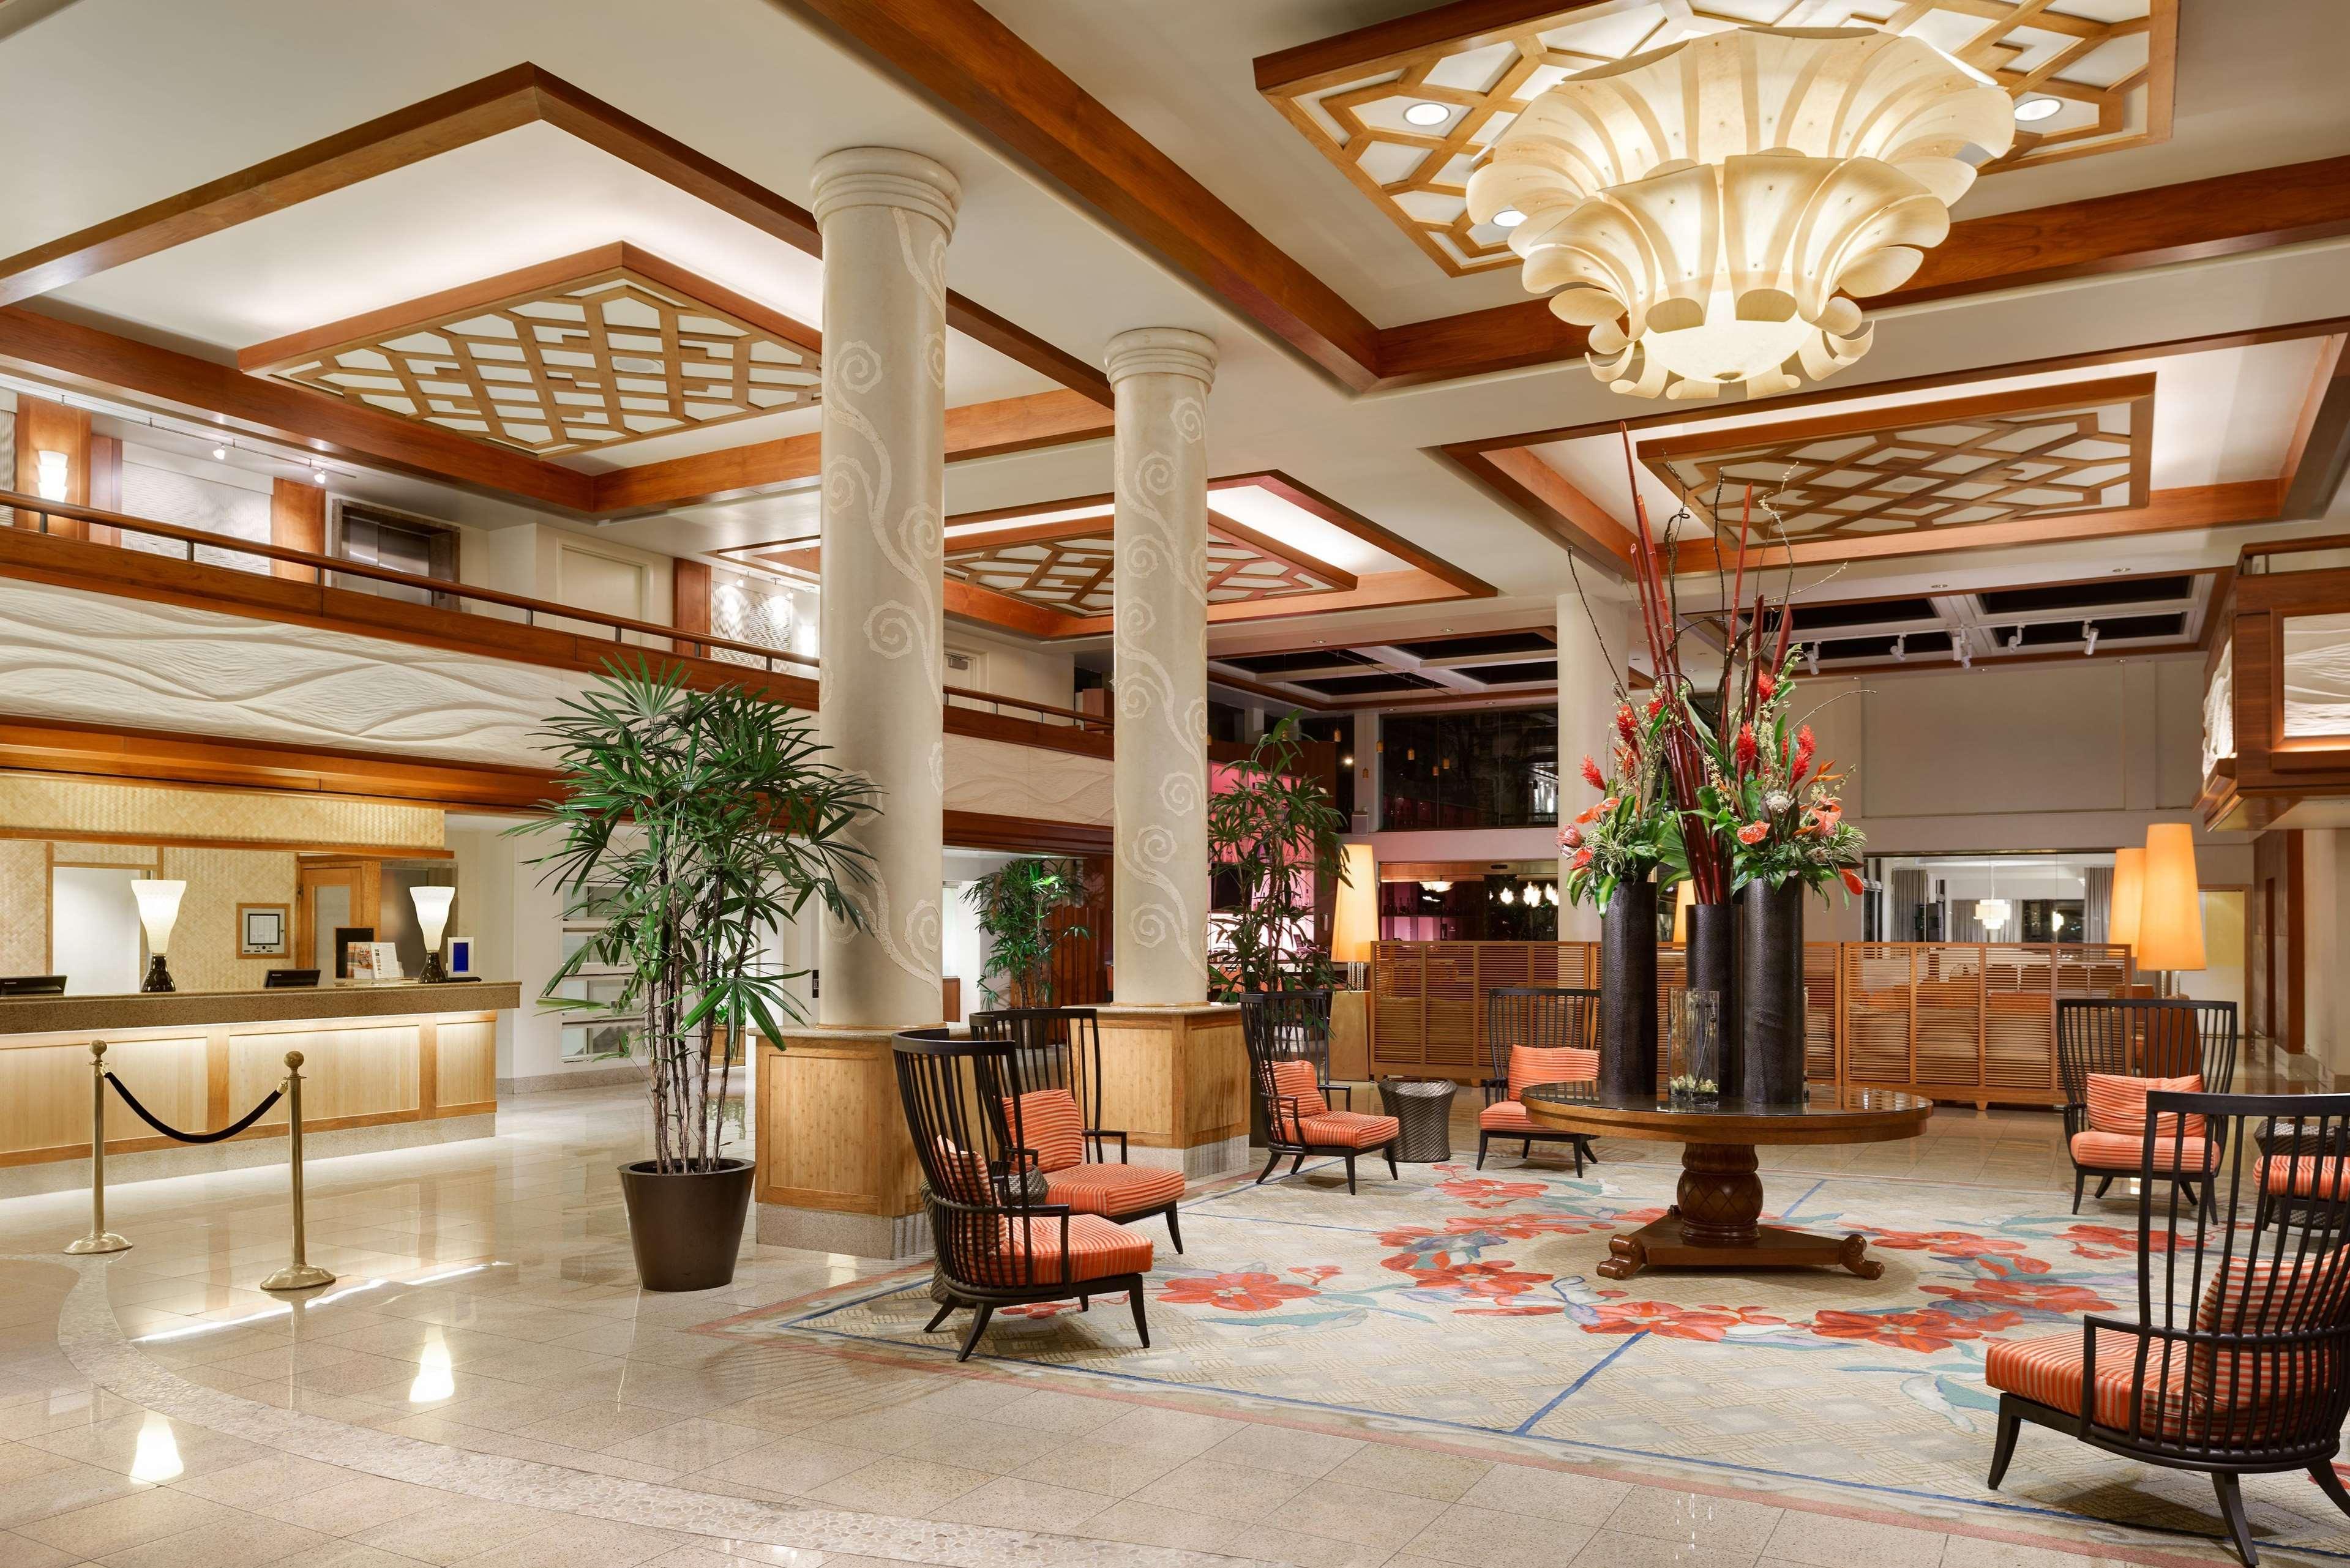 Hilton Waikiki Beach image 38